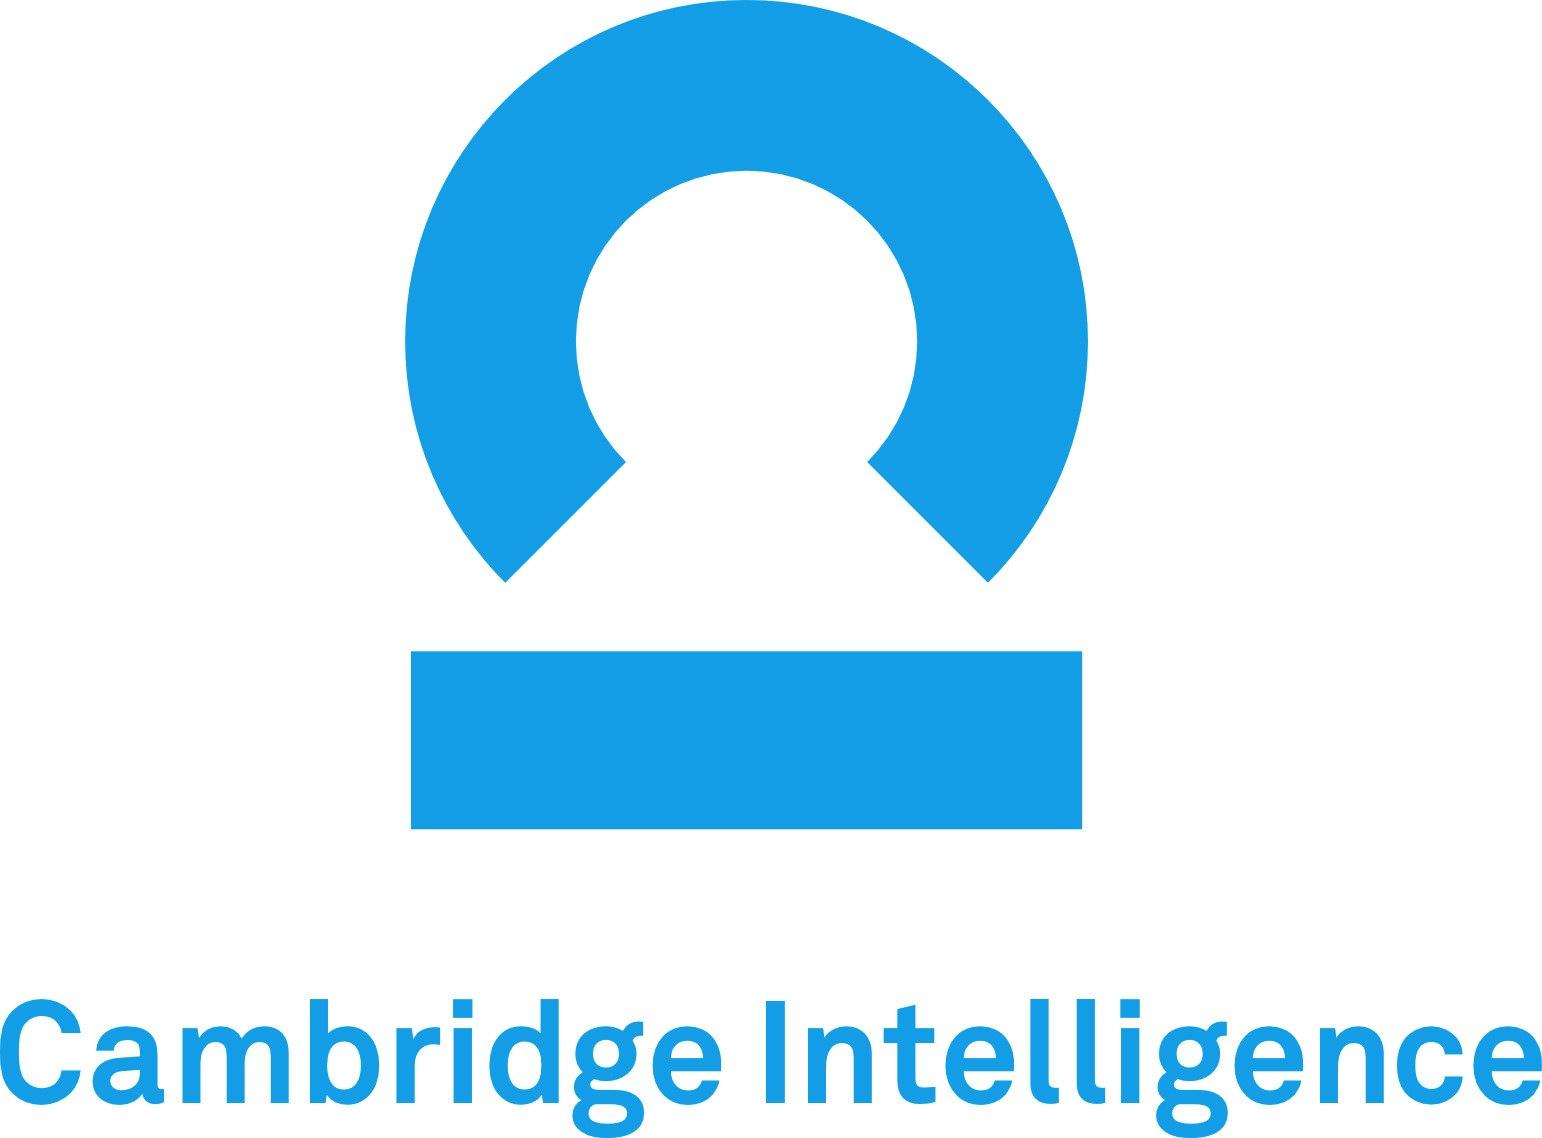 Cambridge Intelligence logo